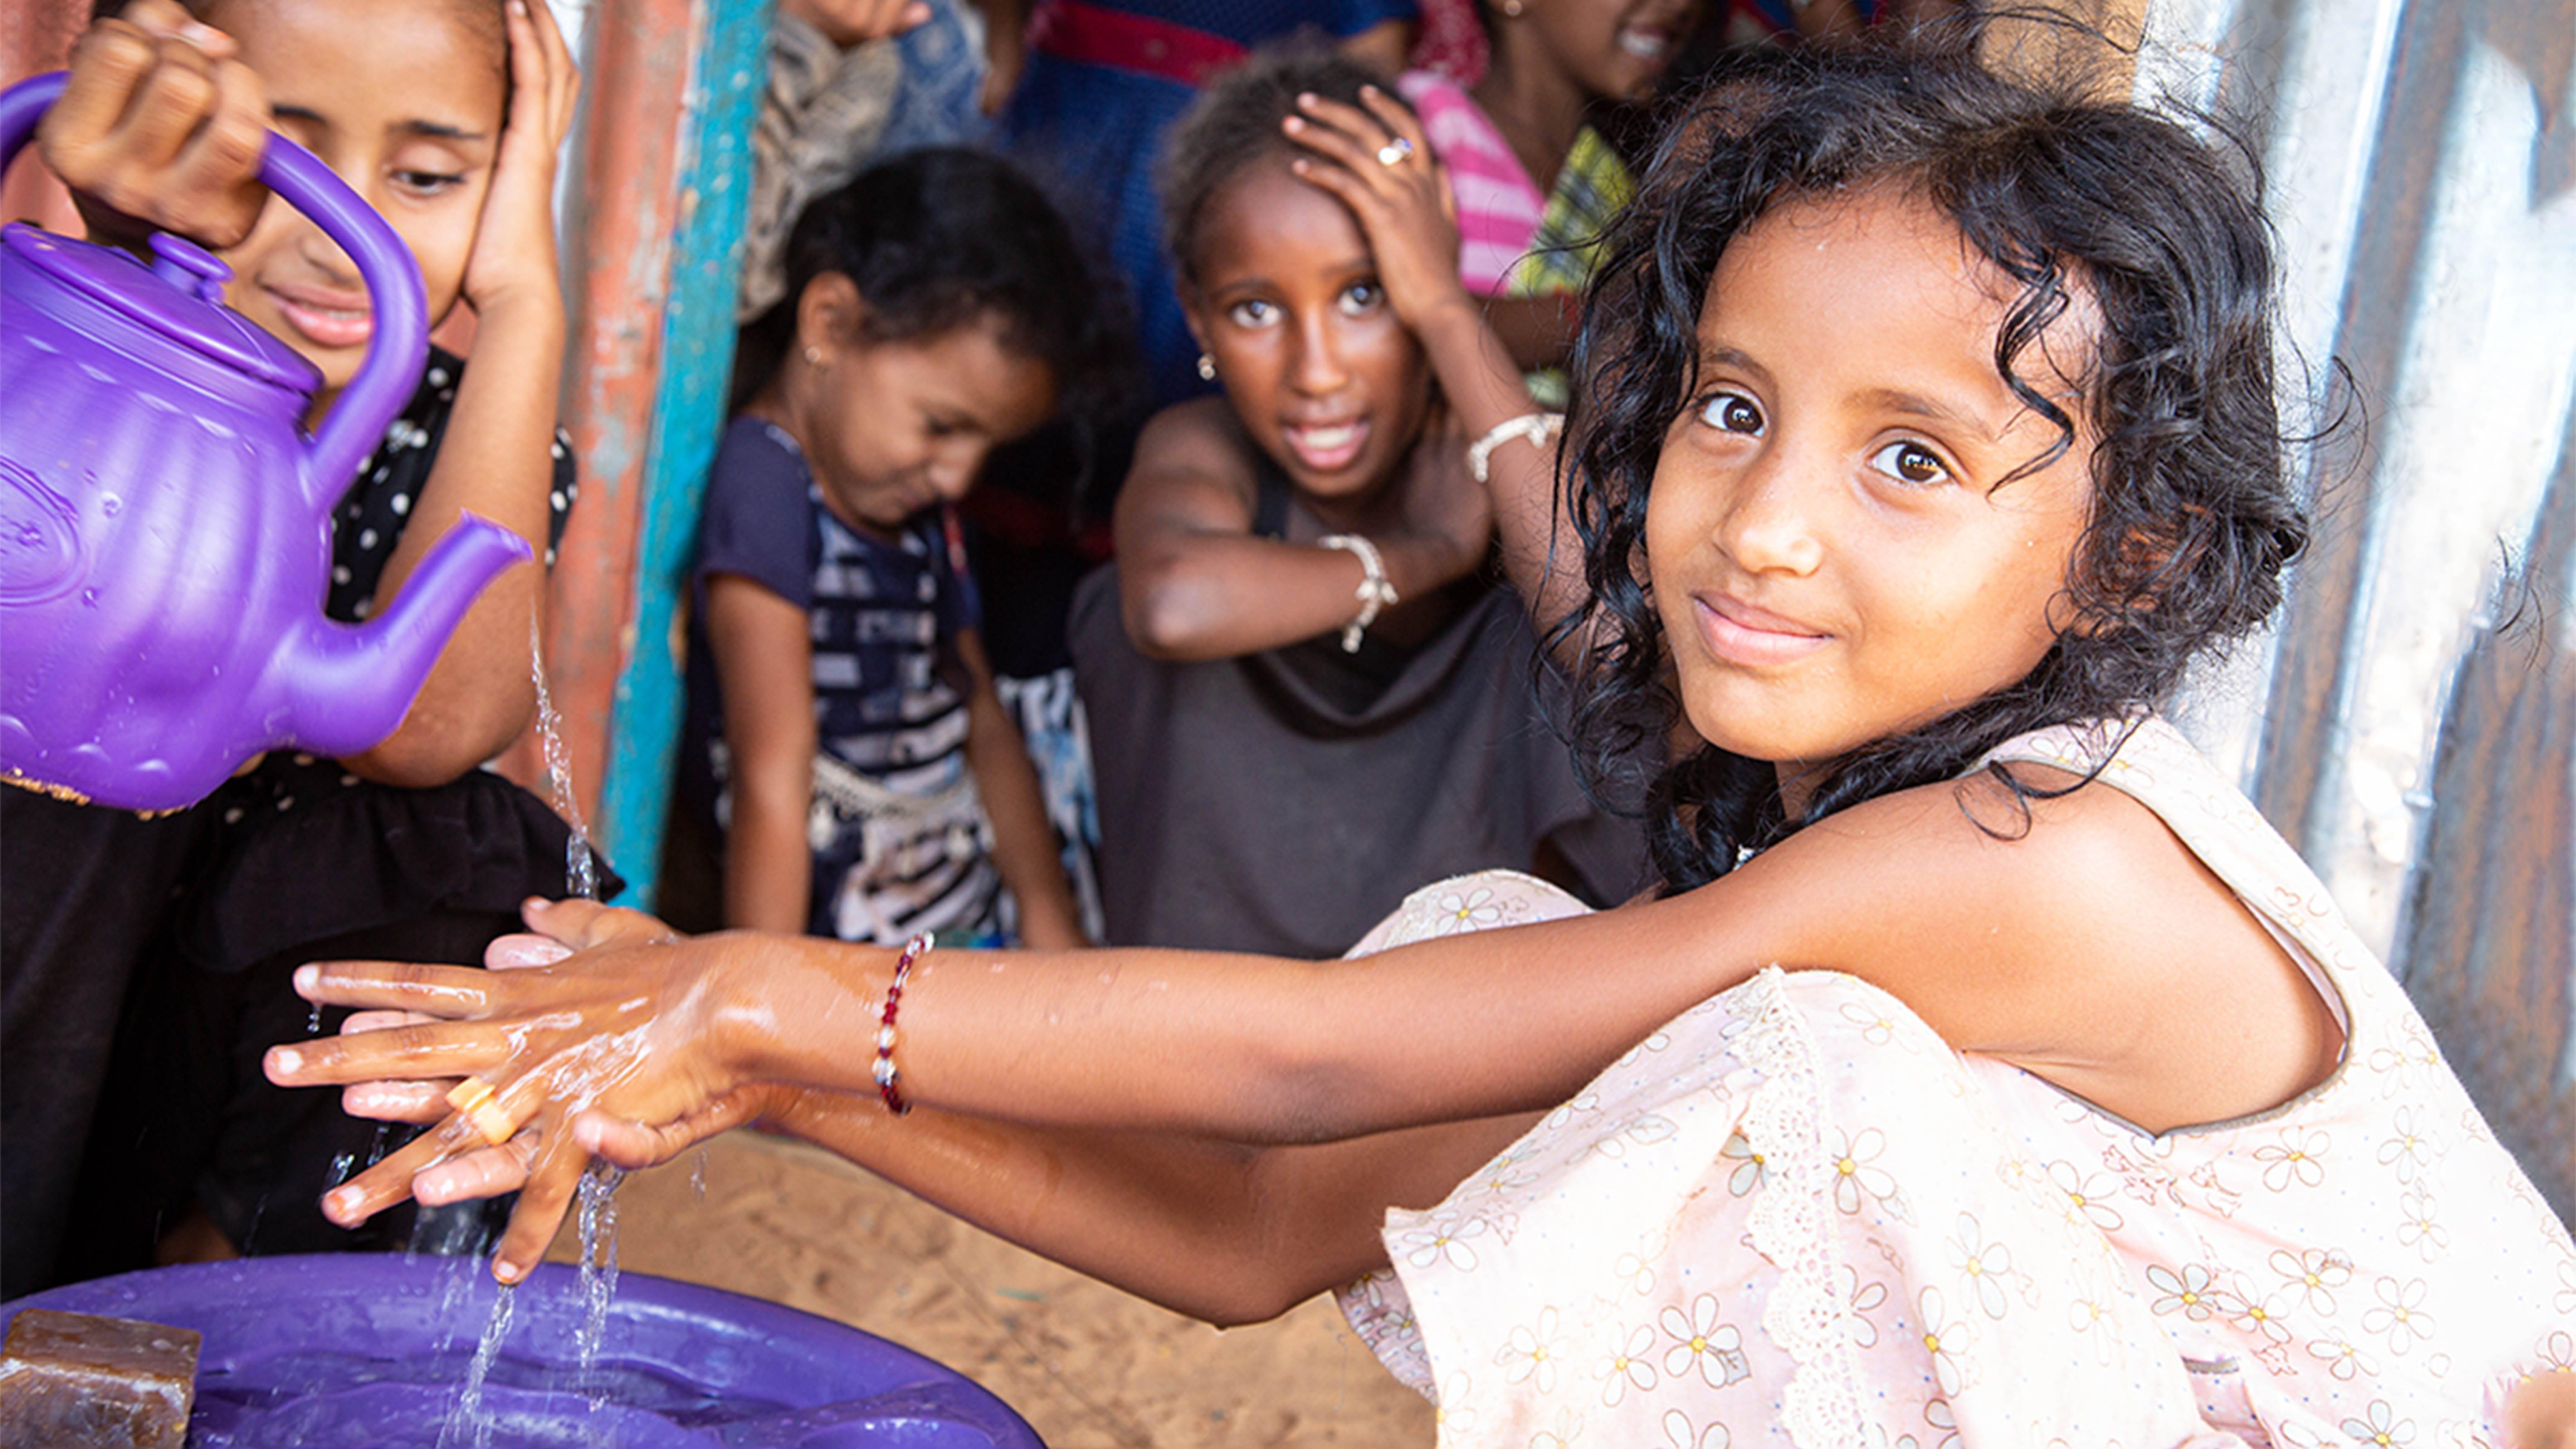 acqua,mauritania